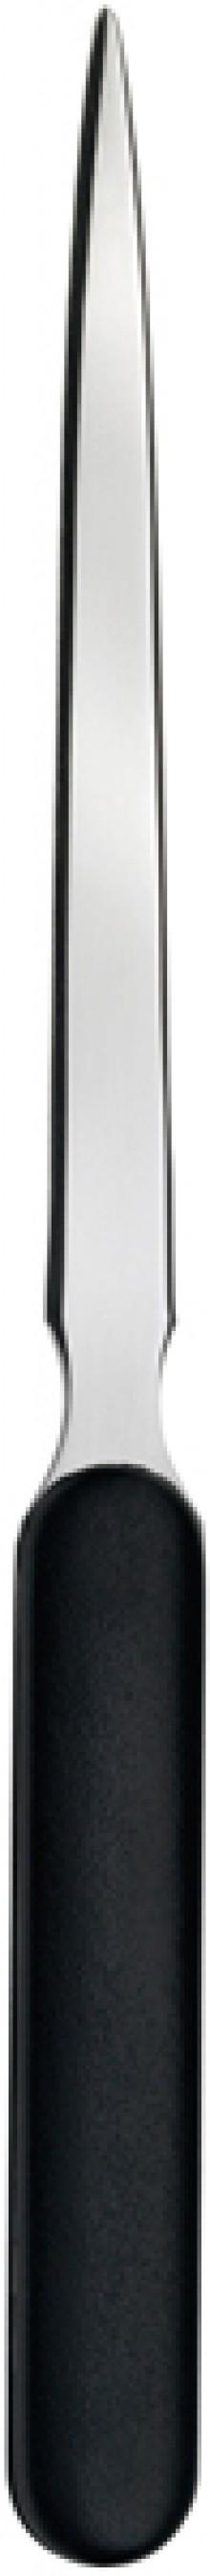 Brieföffner schwarzer Kunststoffgriff 19,0 cm